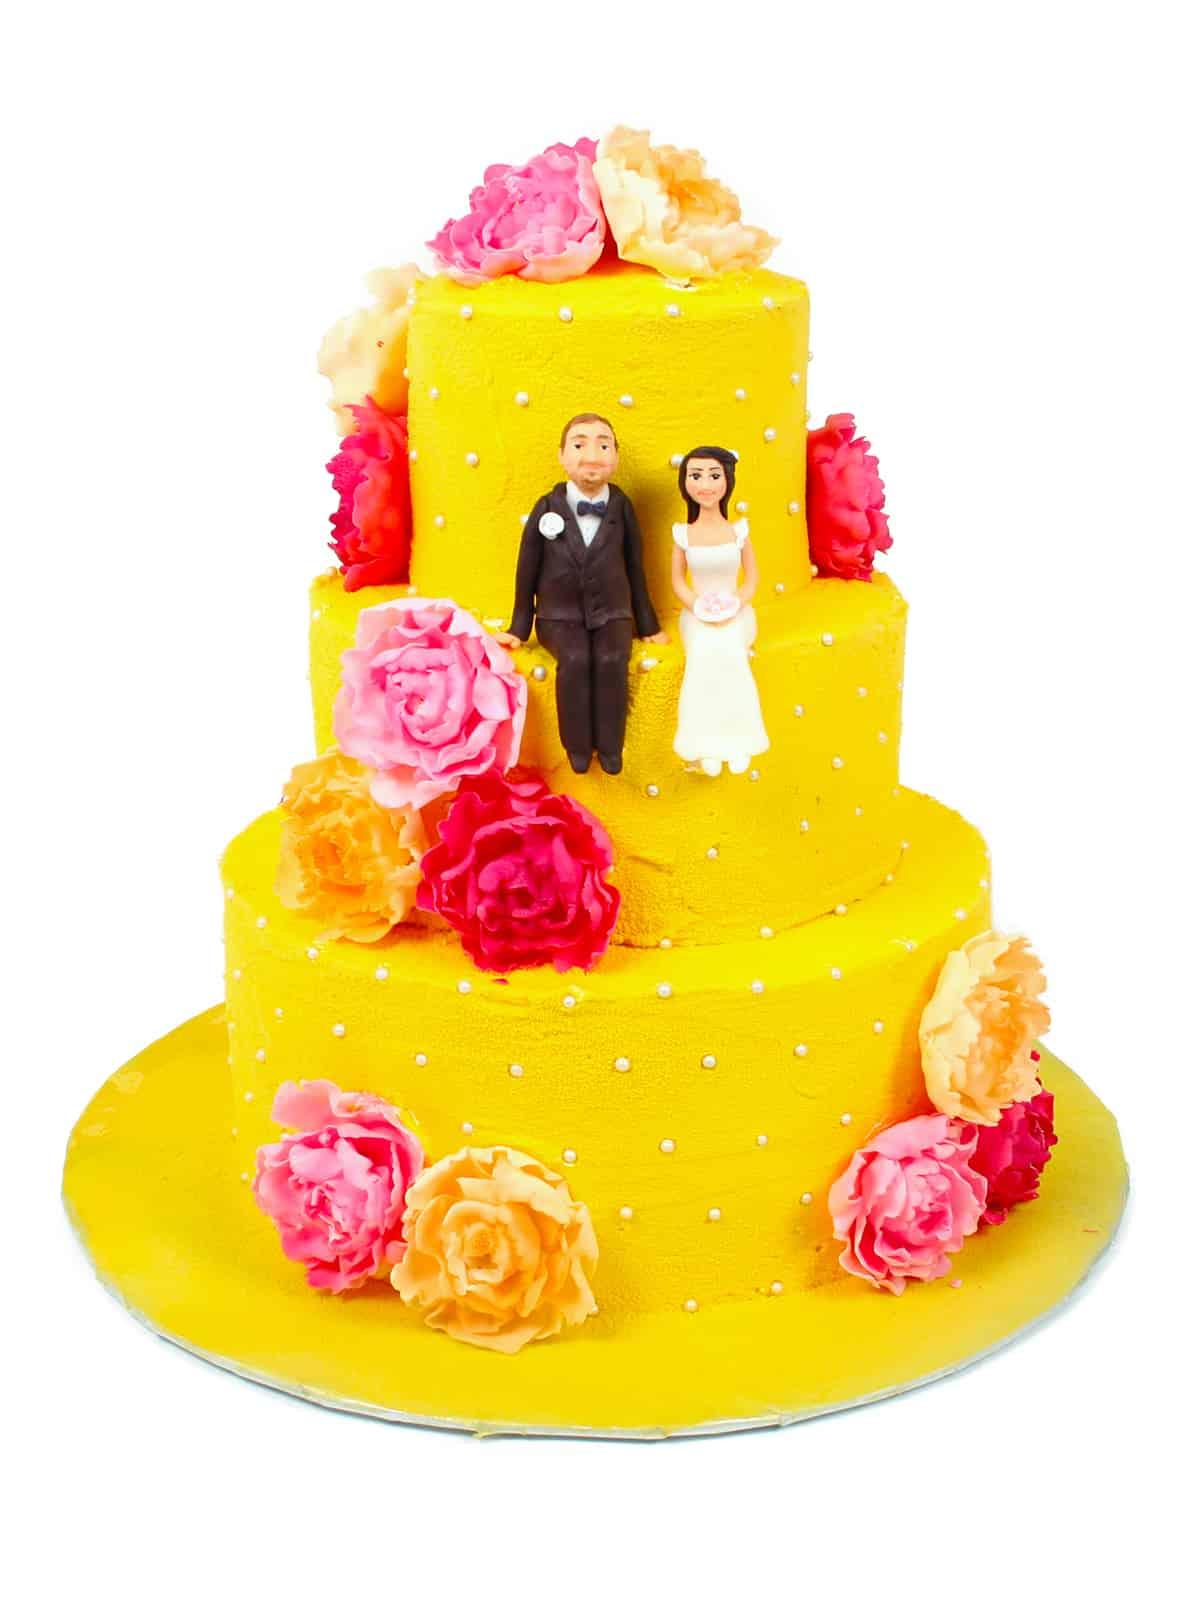 торт - обязательный атрибут праздника